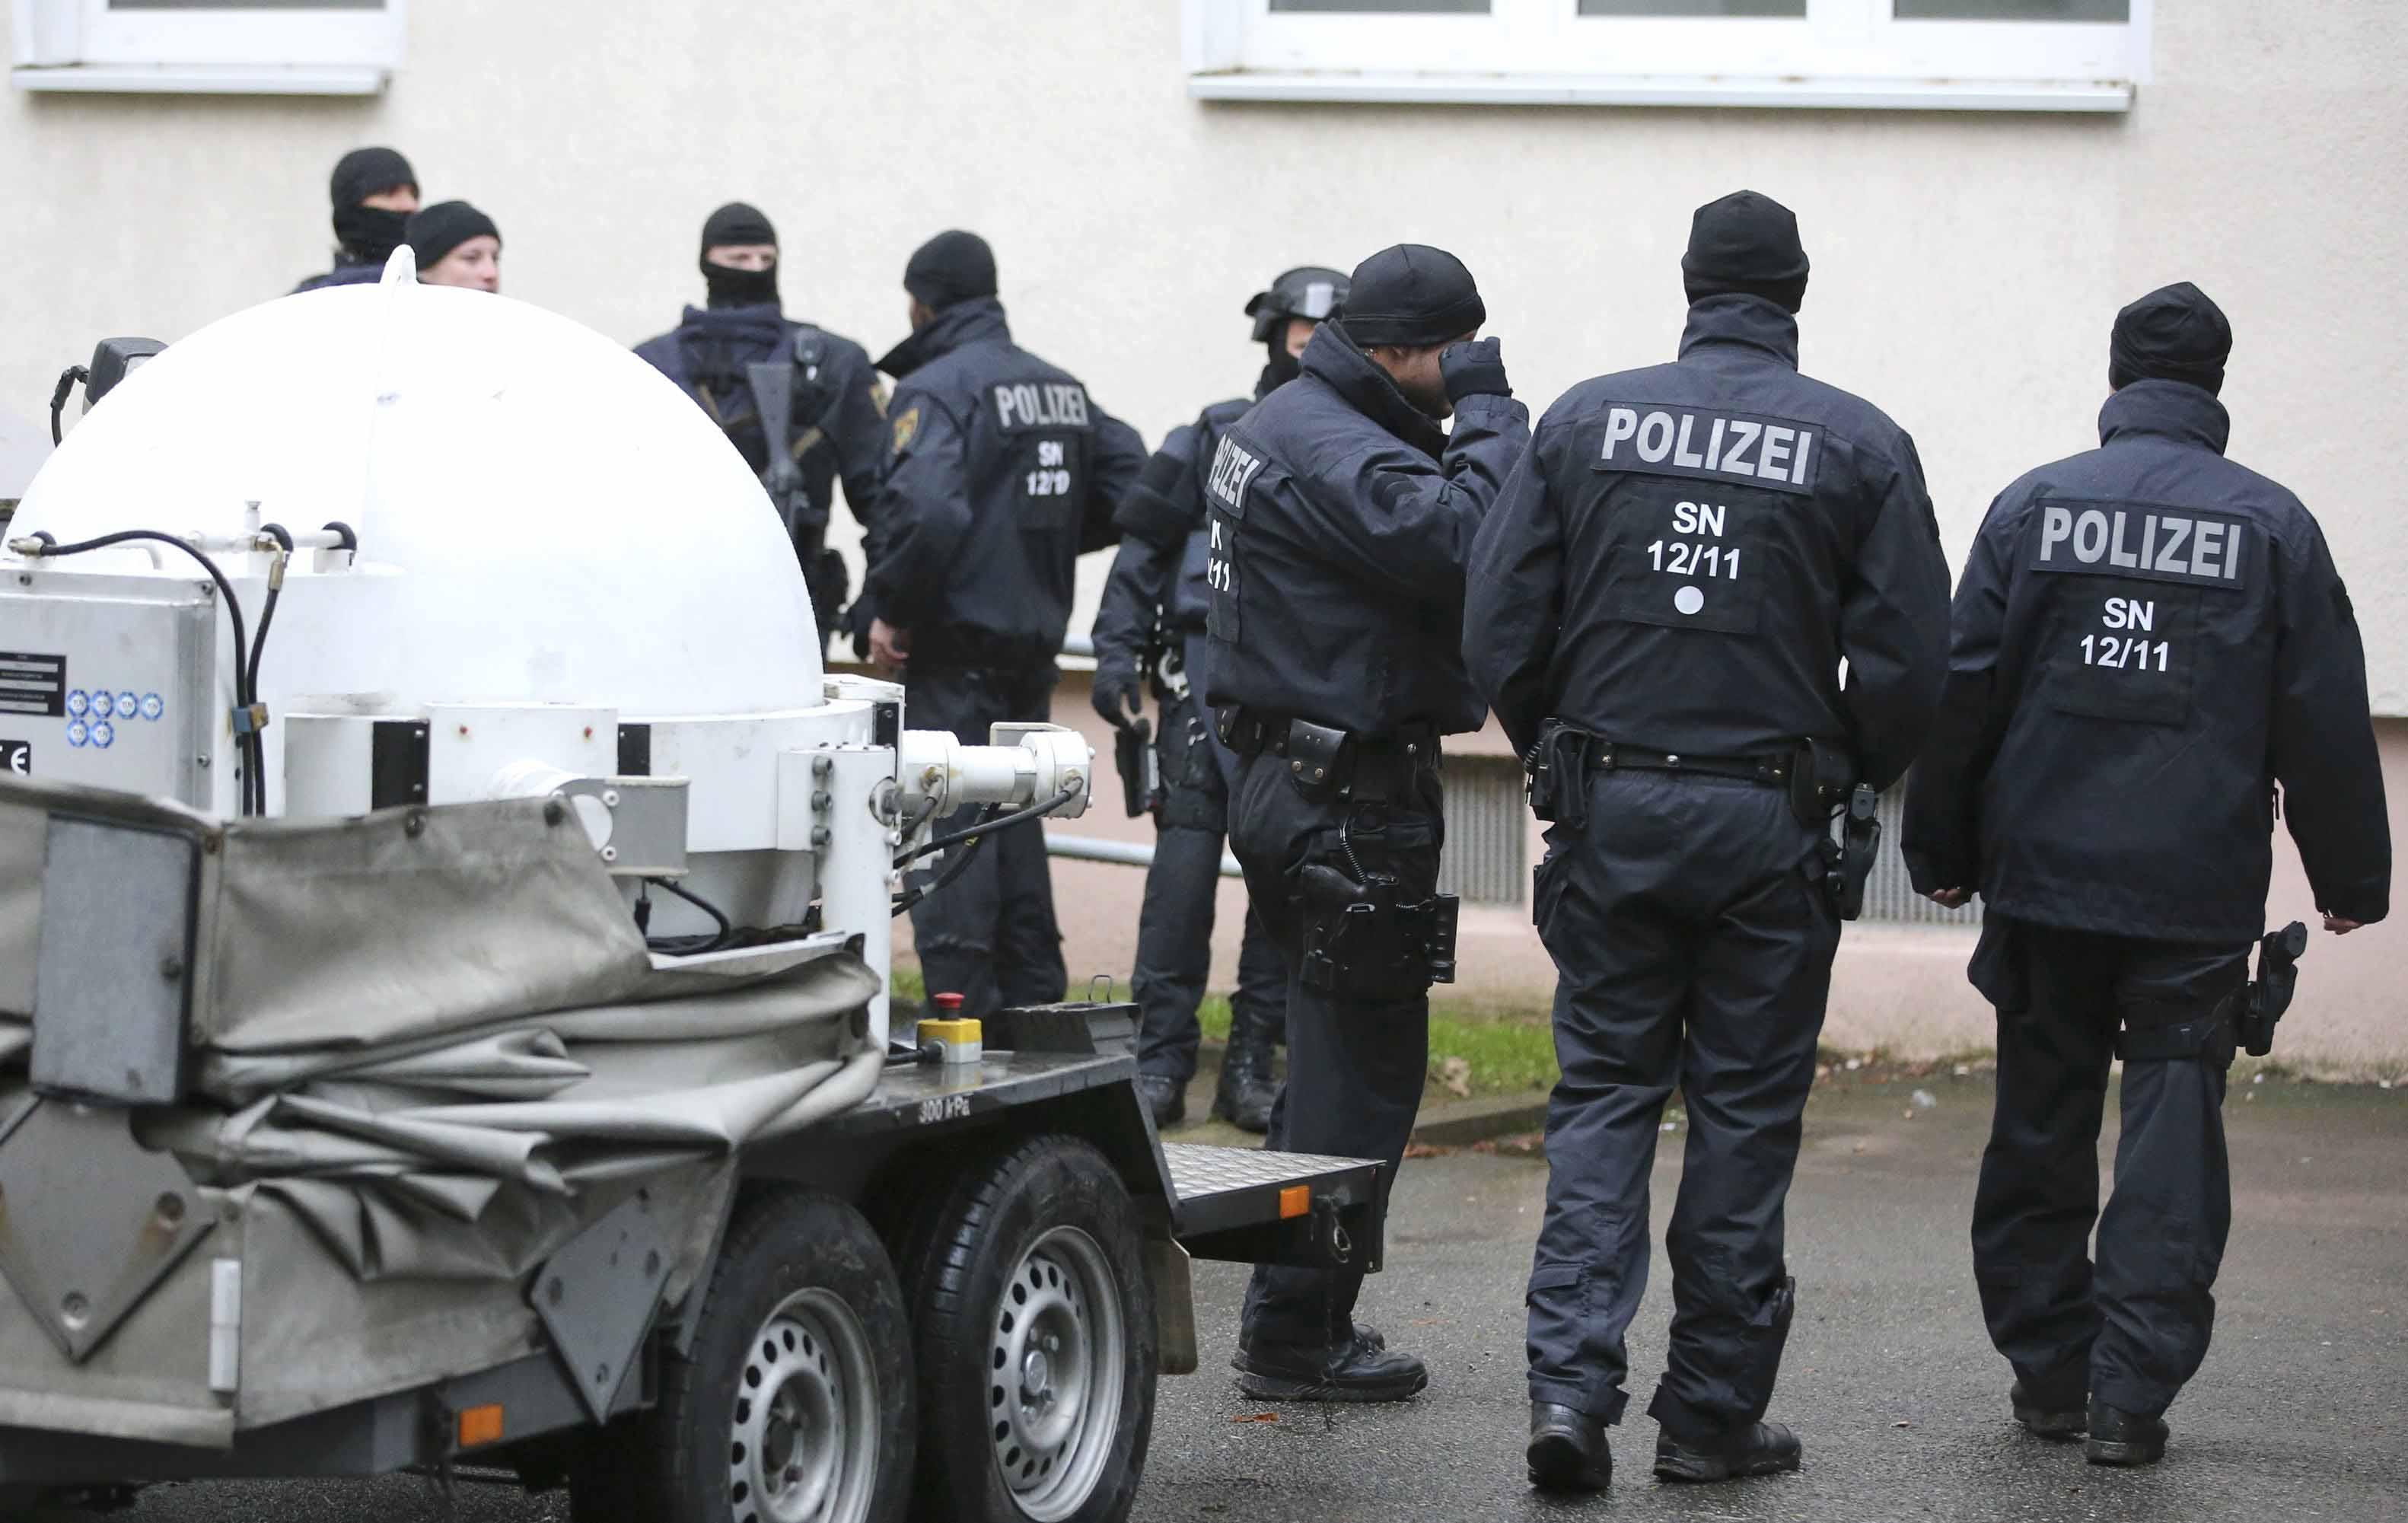 En una redada que realizaba la policía germana en la ciudad de Chemnitz hallaron rastros de explosivos y un sospechoso escapó